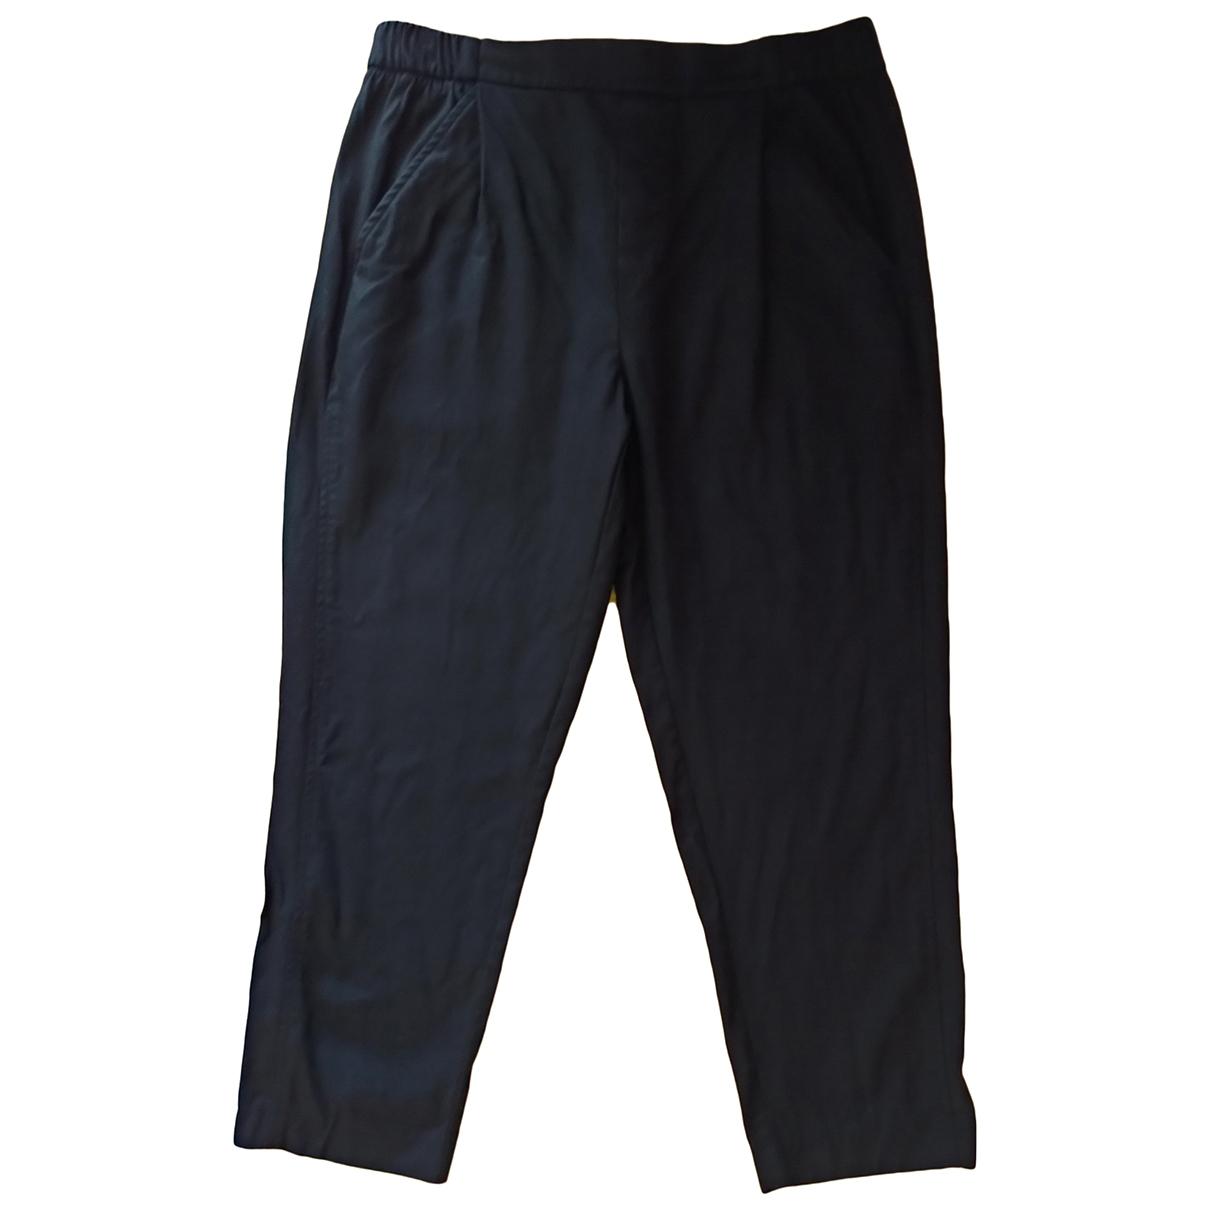 Adolfo Dominguez \N Black Cotton Trousers for Women 40 FR